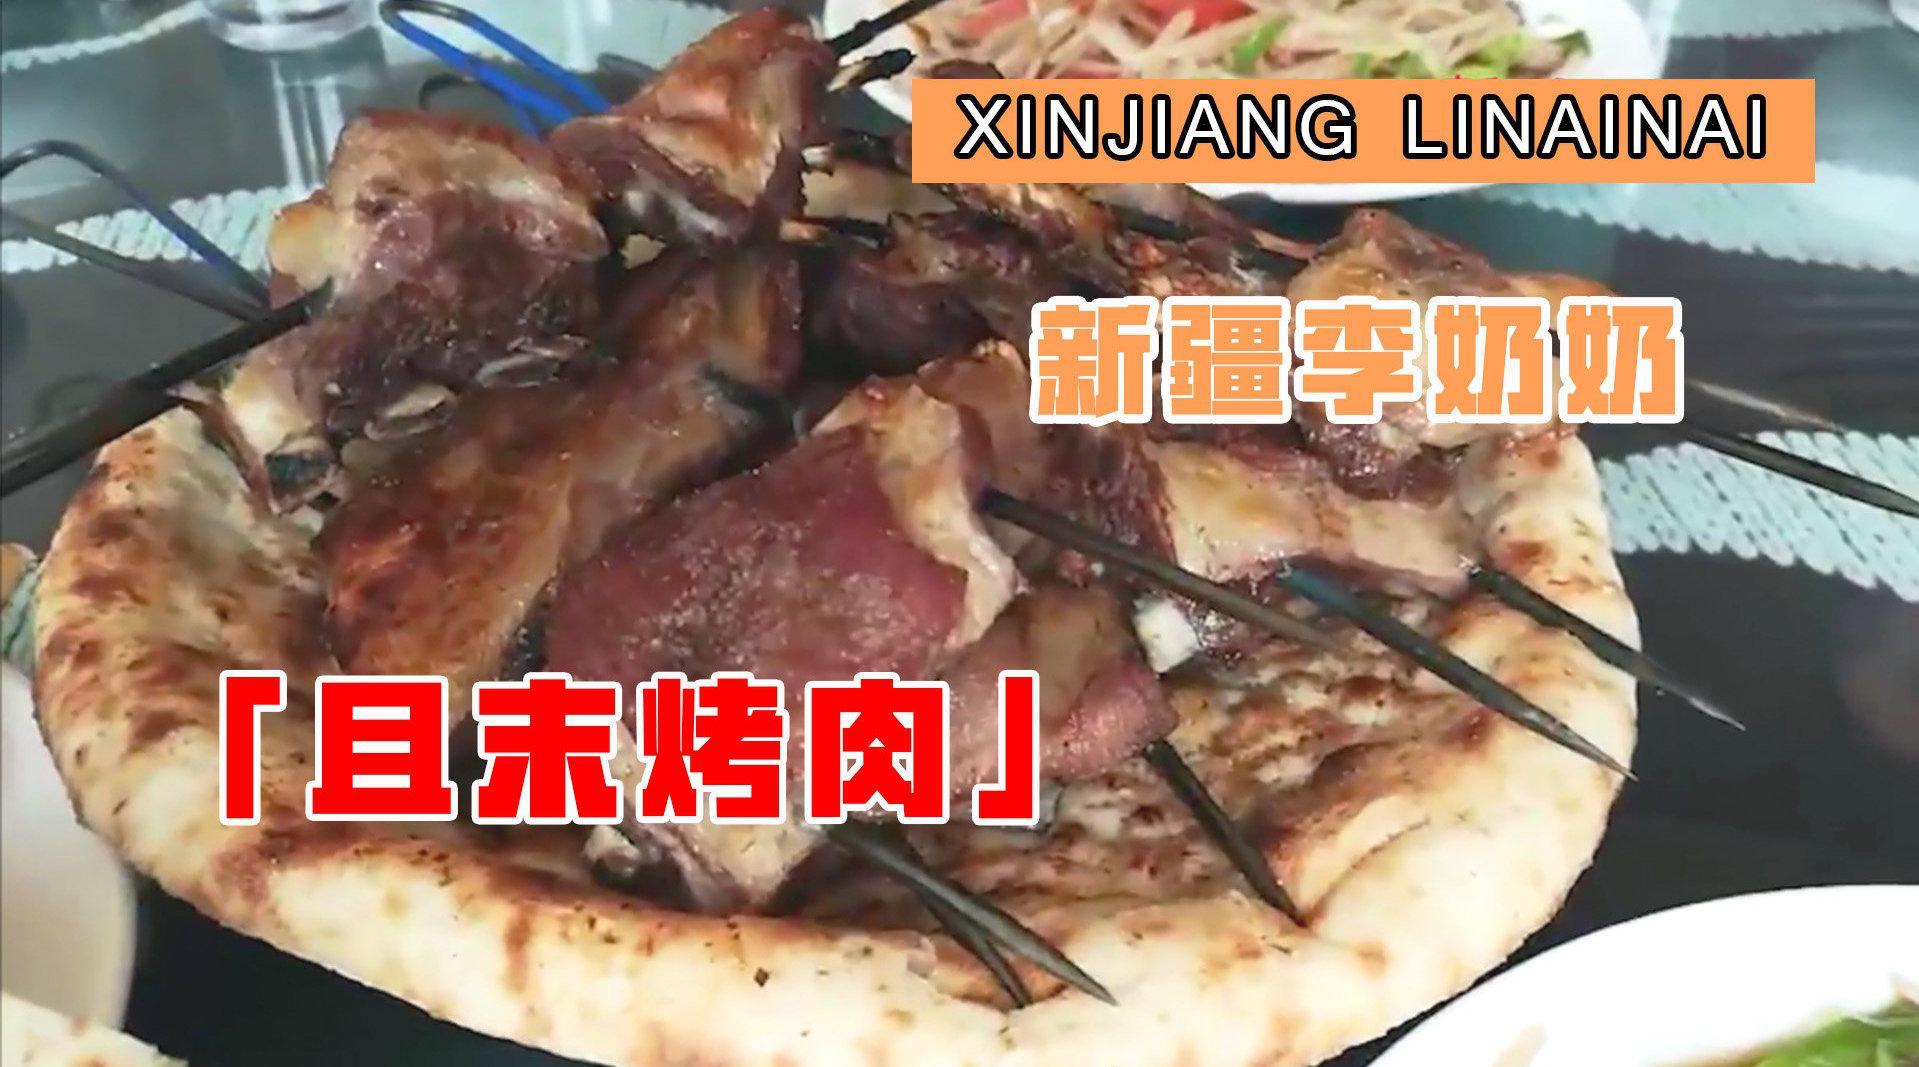 新疆李奶奶在且末吃烤肉,肉质鲜嫩多汁…………